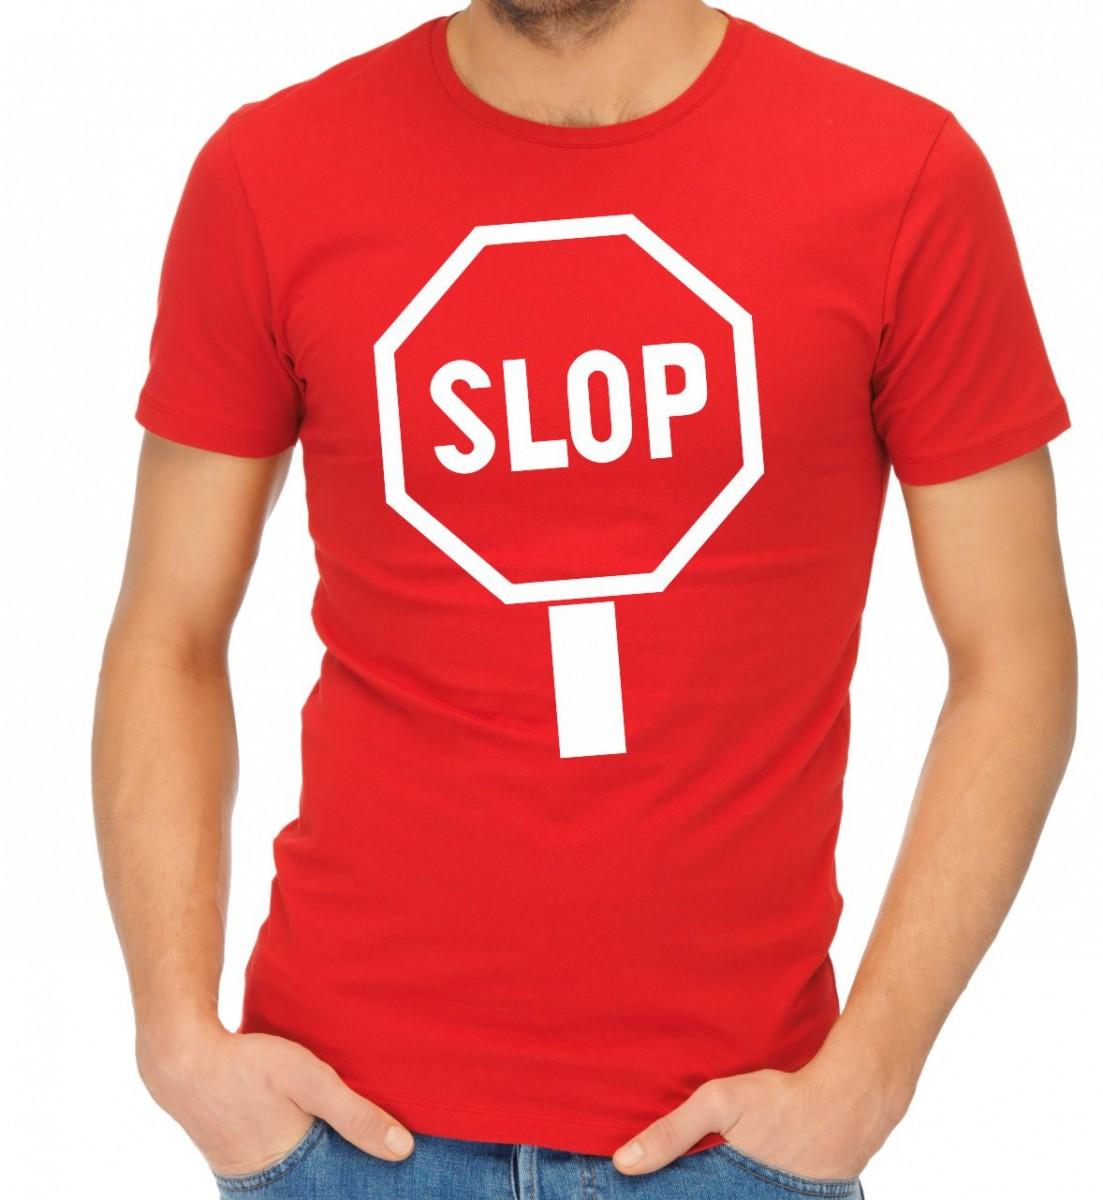 dadaeb2cca4 Značkové tričko se značkou - SLOP